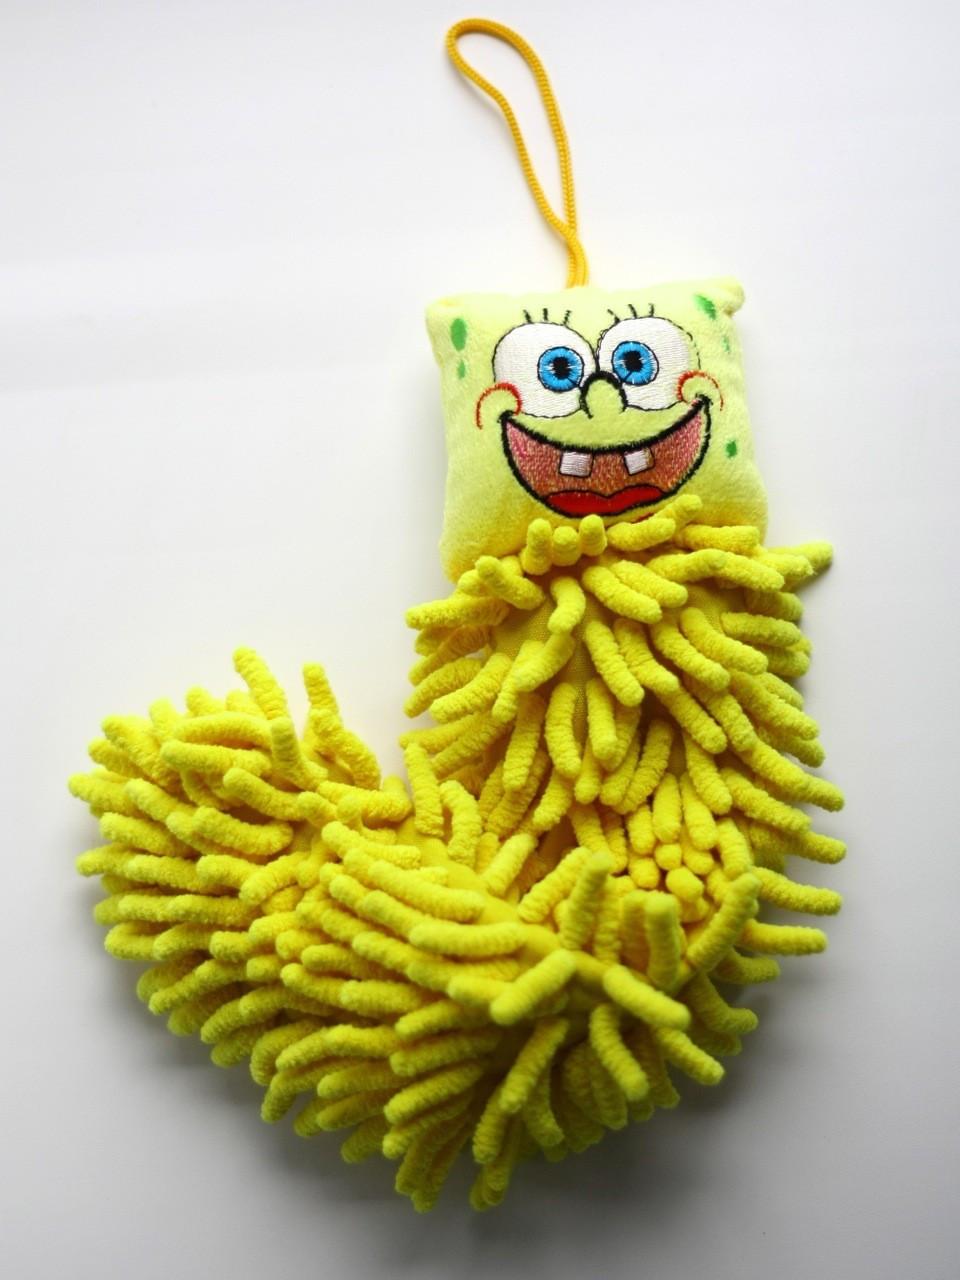 """Детское полотенце-игрушка из микрофибры, Губка Боб - Интернет магазин """"Креативные подарки"""" в Кременчуге"""